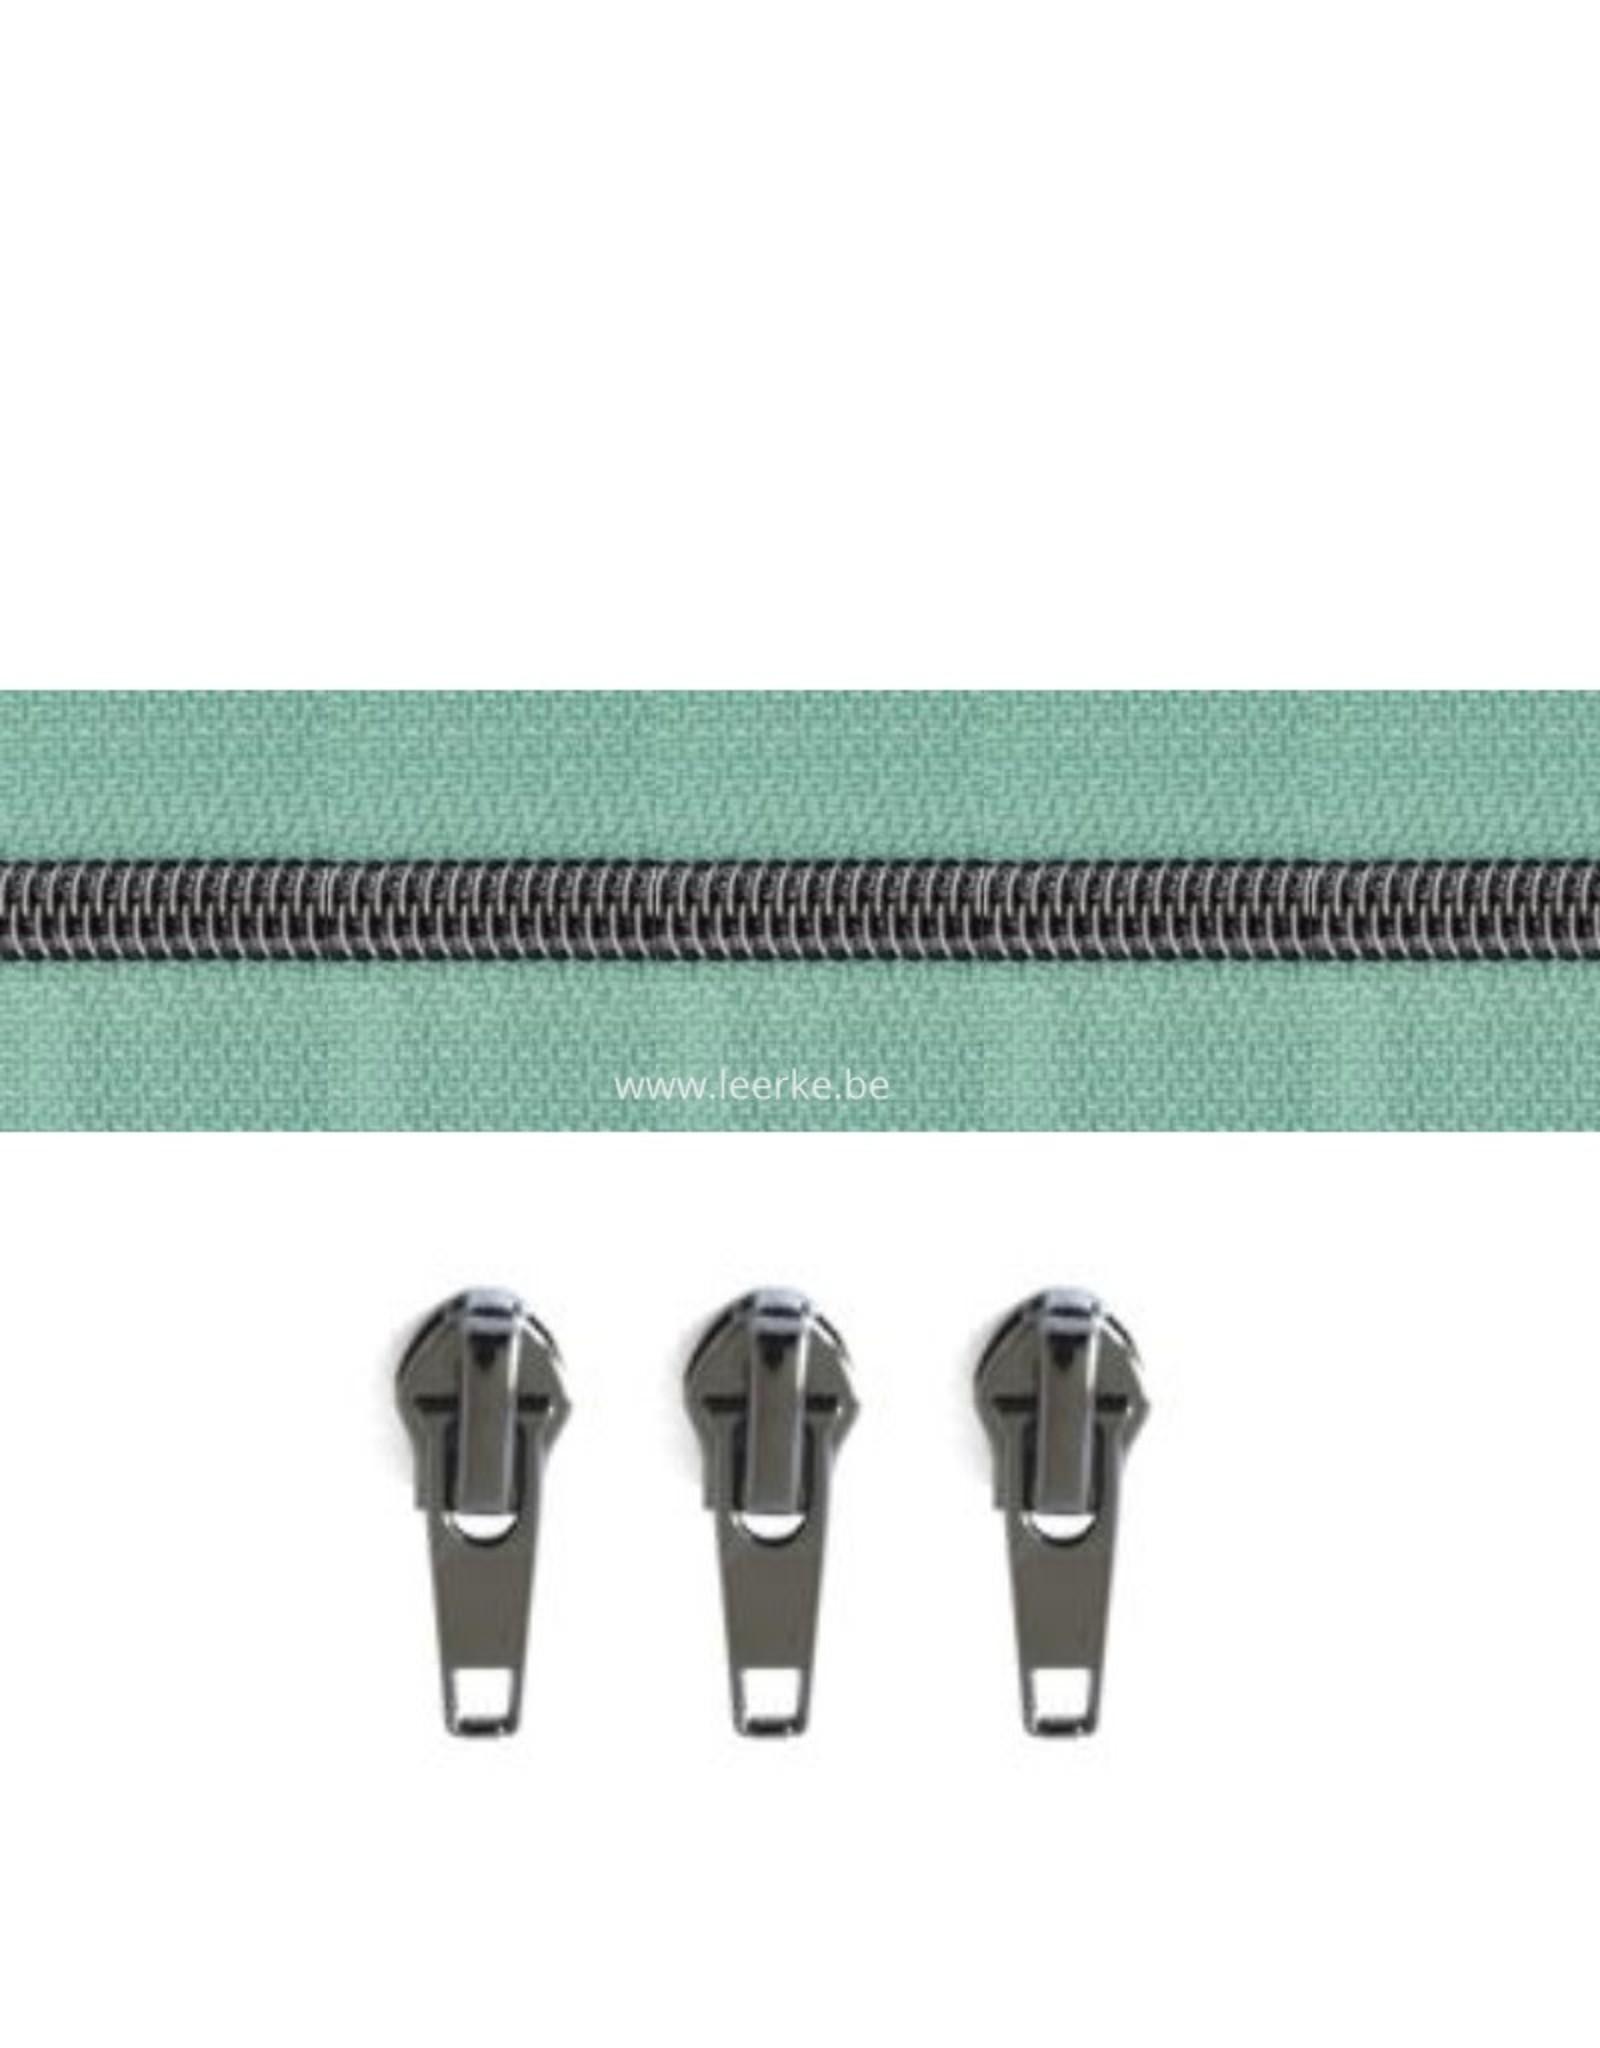 Rits per meter (incl. 3 trekkers) - Gunmetal - Mint - Size 6,5